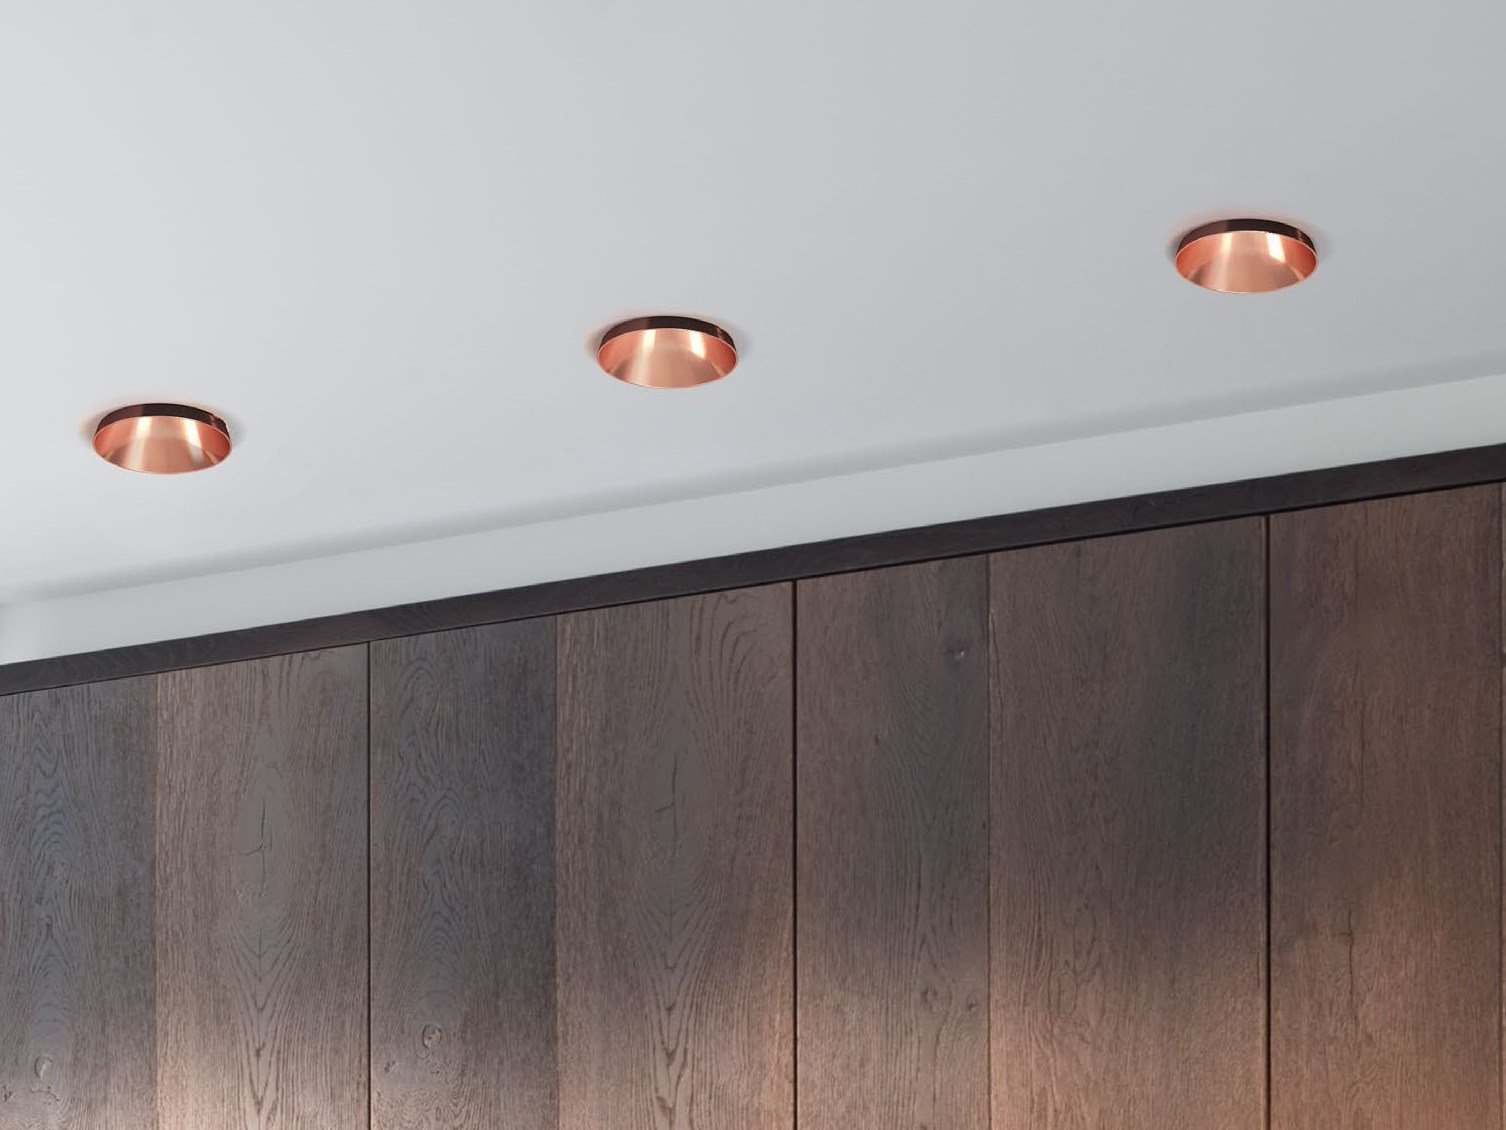 Ut spot illuminazione a binario a led in alluminio di flos elle